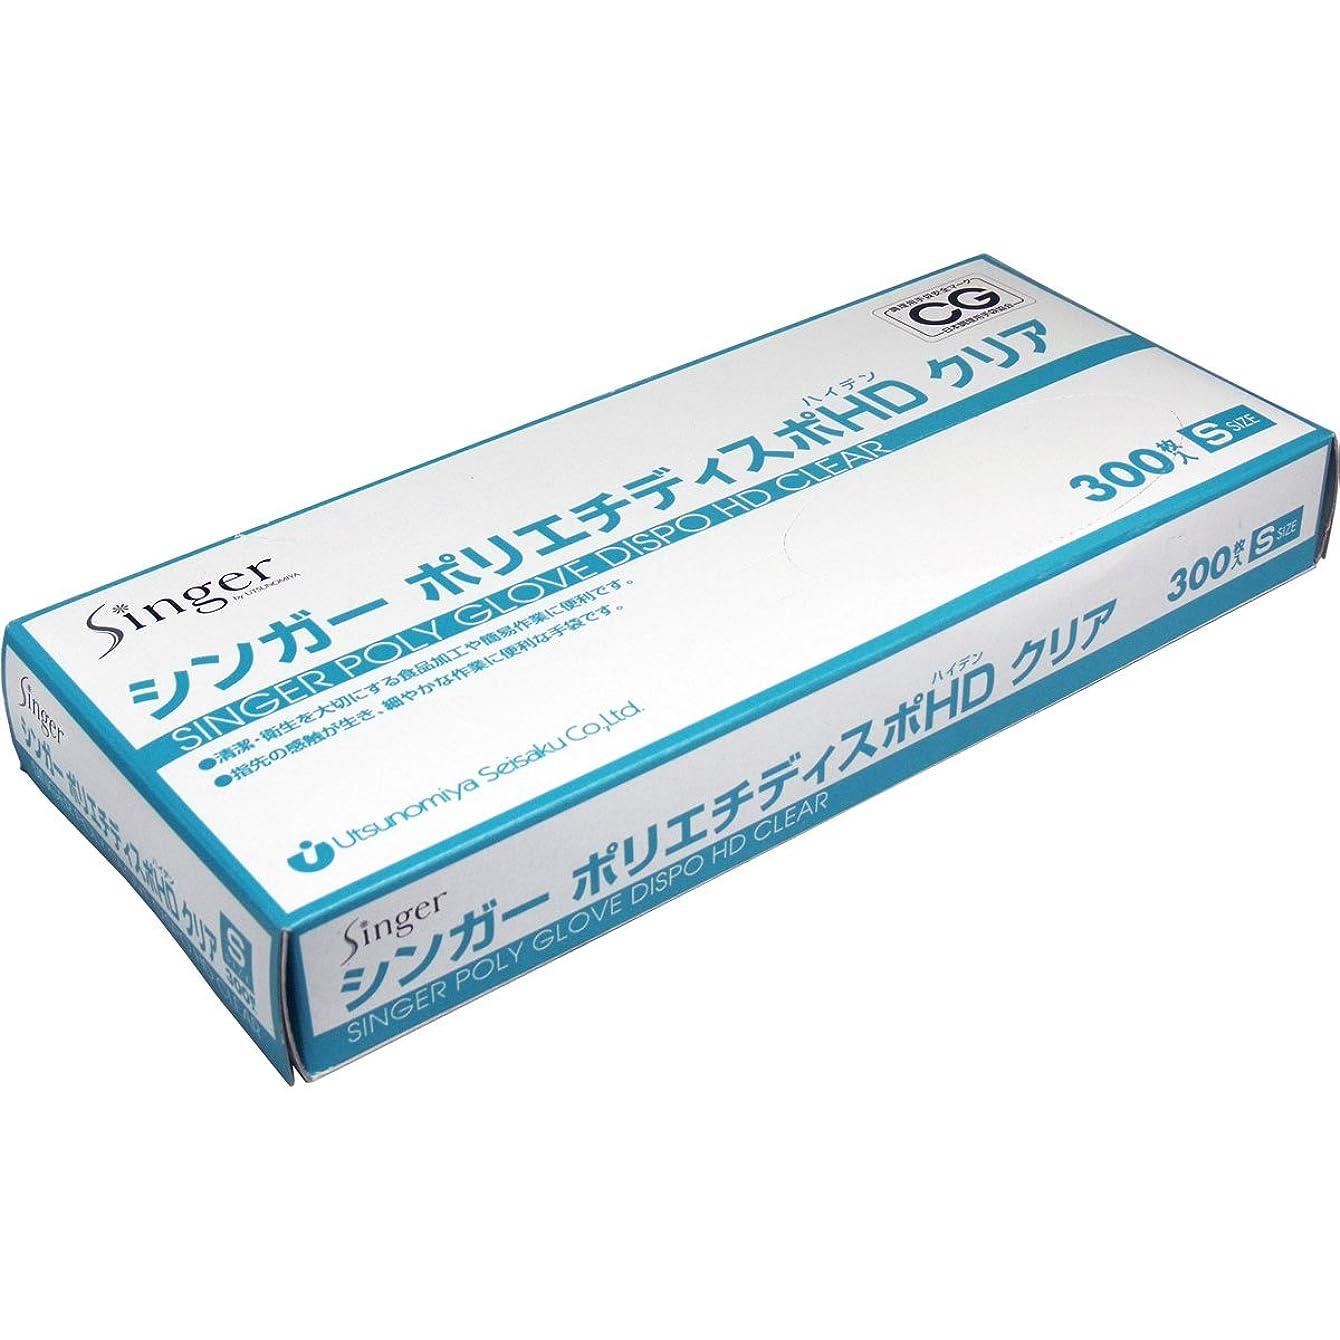 省略するレンド一杯食品衛生法適合手袋 シンガーポリエチディスポHDクリア Sサイズ 300枚入 3個セット